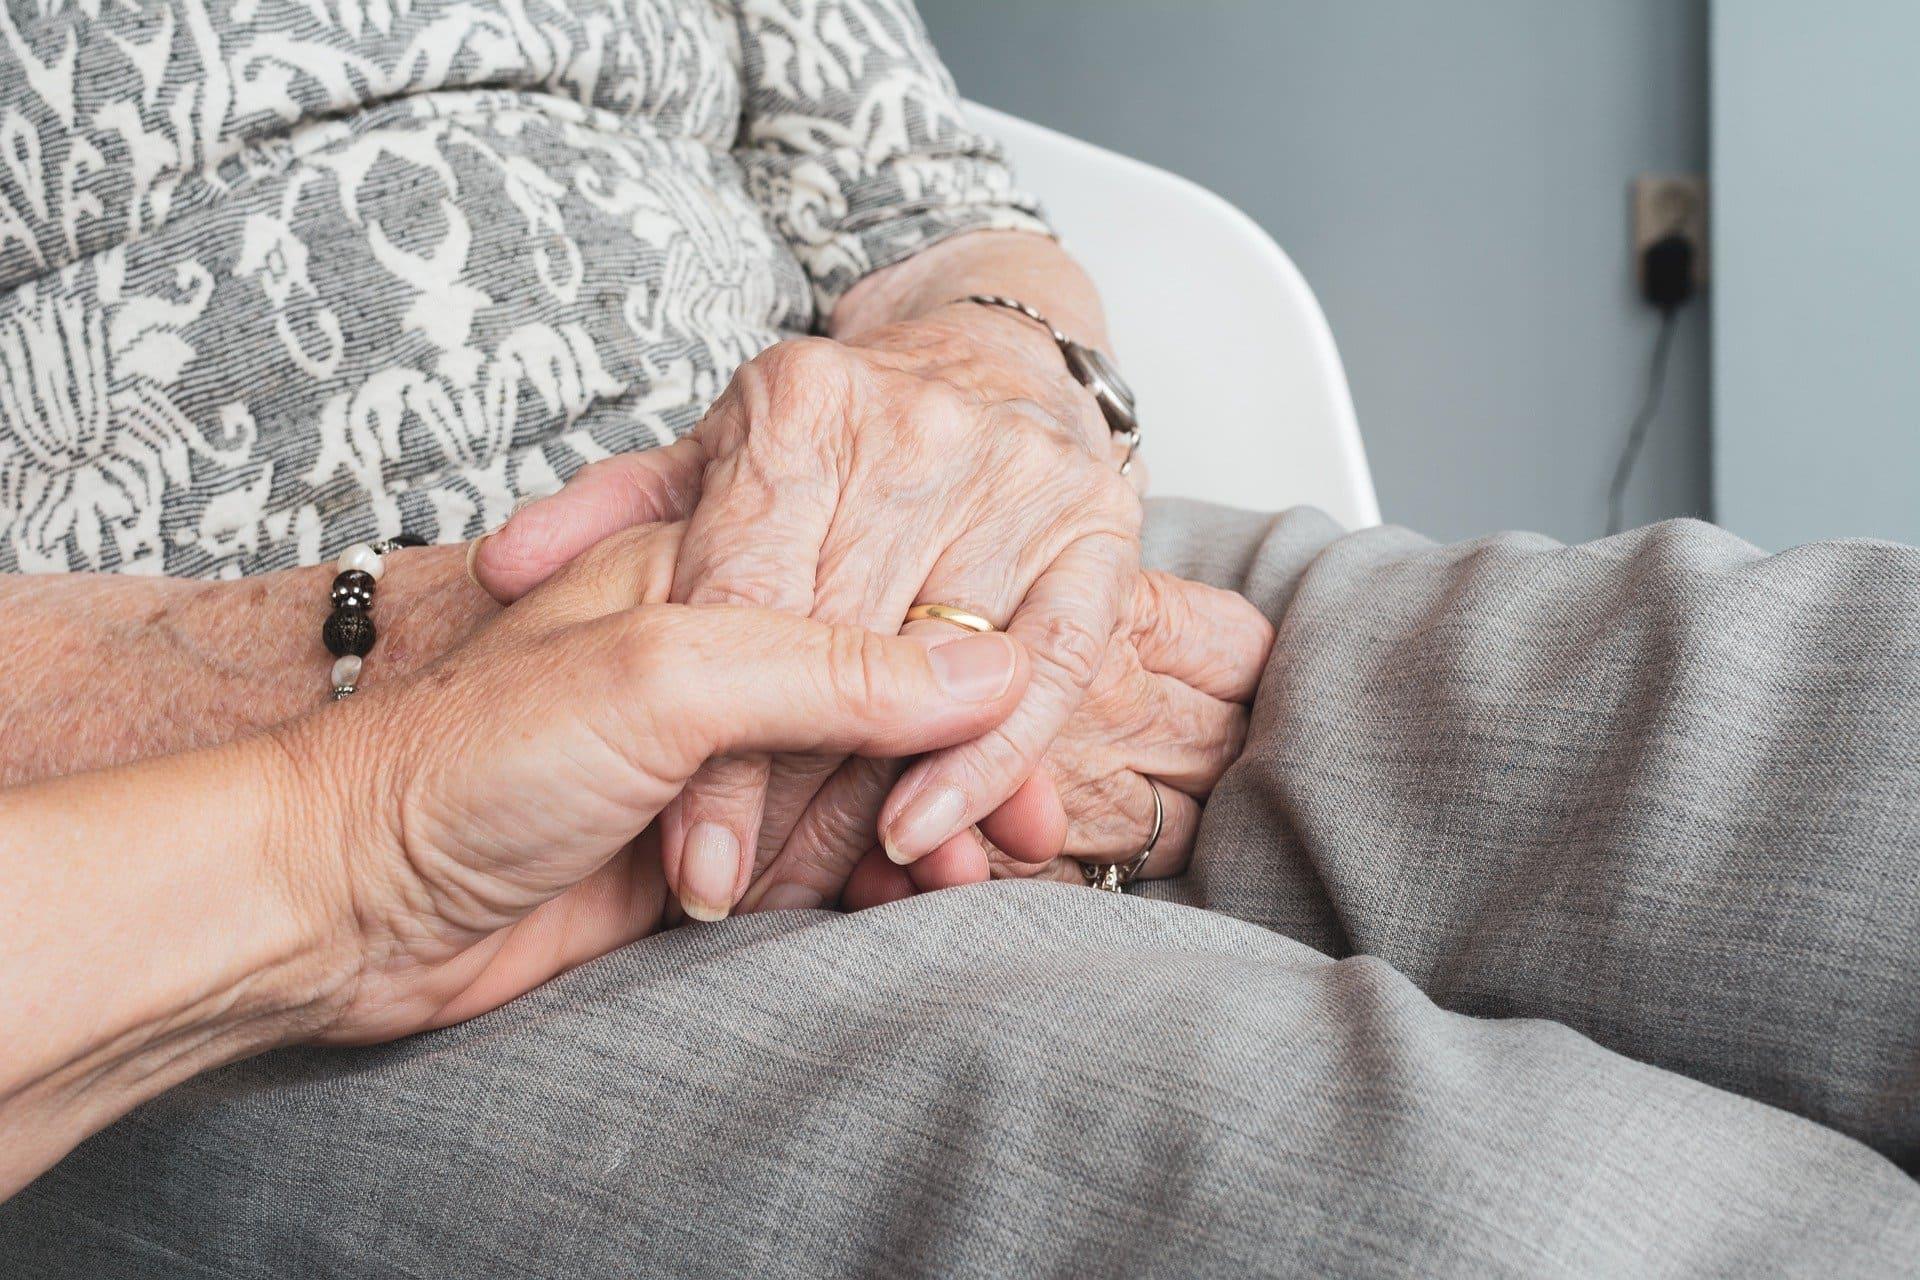 Évaluer les besoins en autonomie des personnes âgées avec Gard' et Autonomie à Nîmes